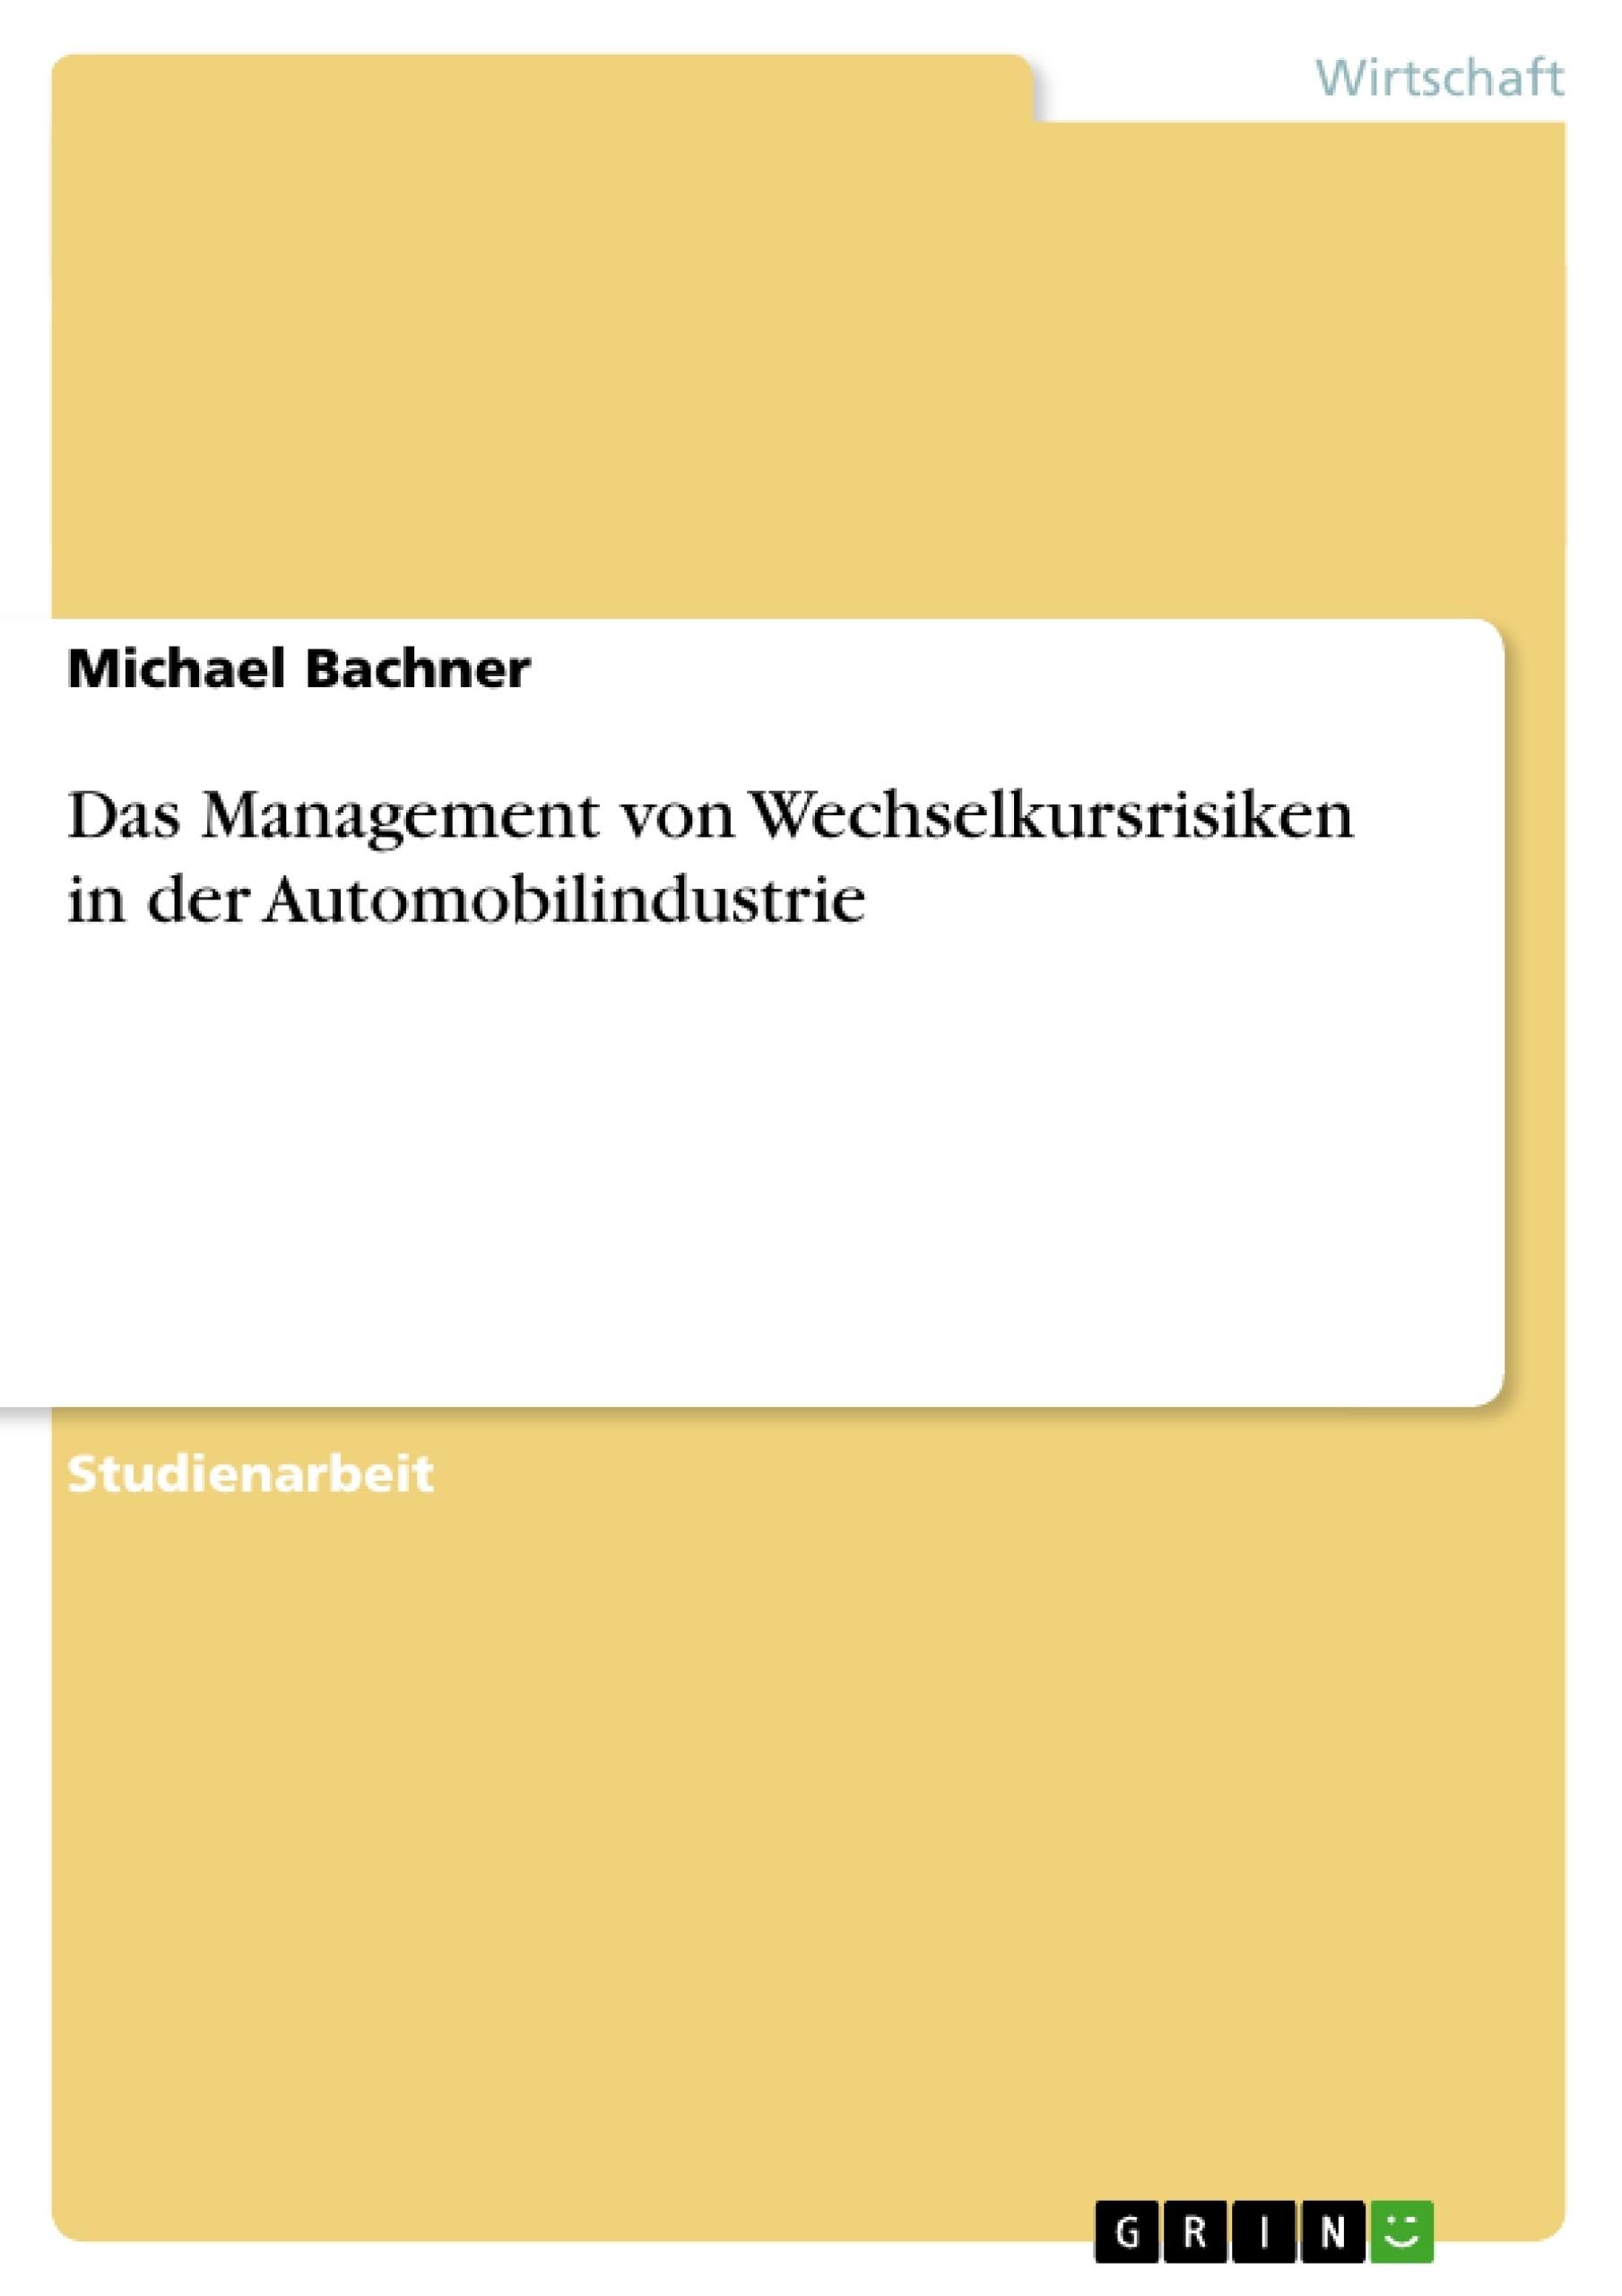 Titel: Das Management von Wechselkursrisiken in der Automobilindustrie